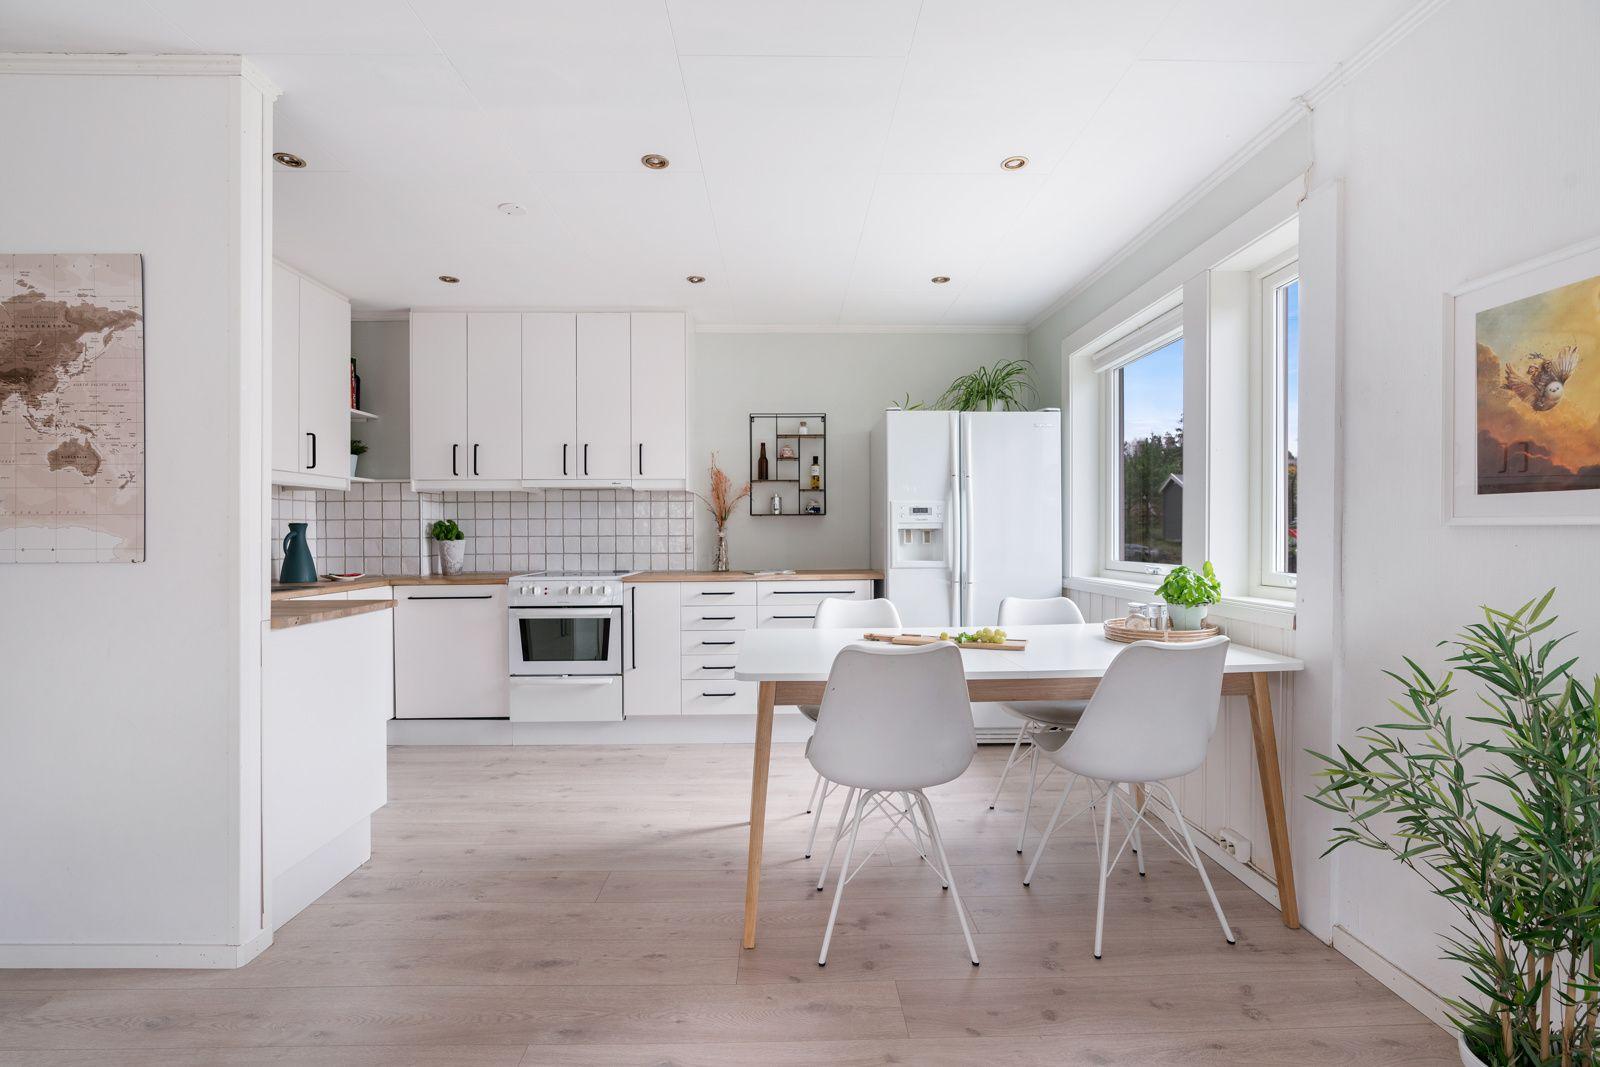 Kreklingstien 5B Kjøkkenet ligger i delvis åpen og sosial løsning med stuen - perfekt for å varte opp gjester! Naturlig plass for spisebord ved vinduet